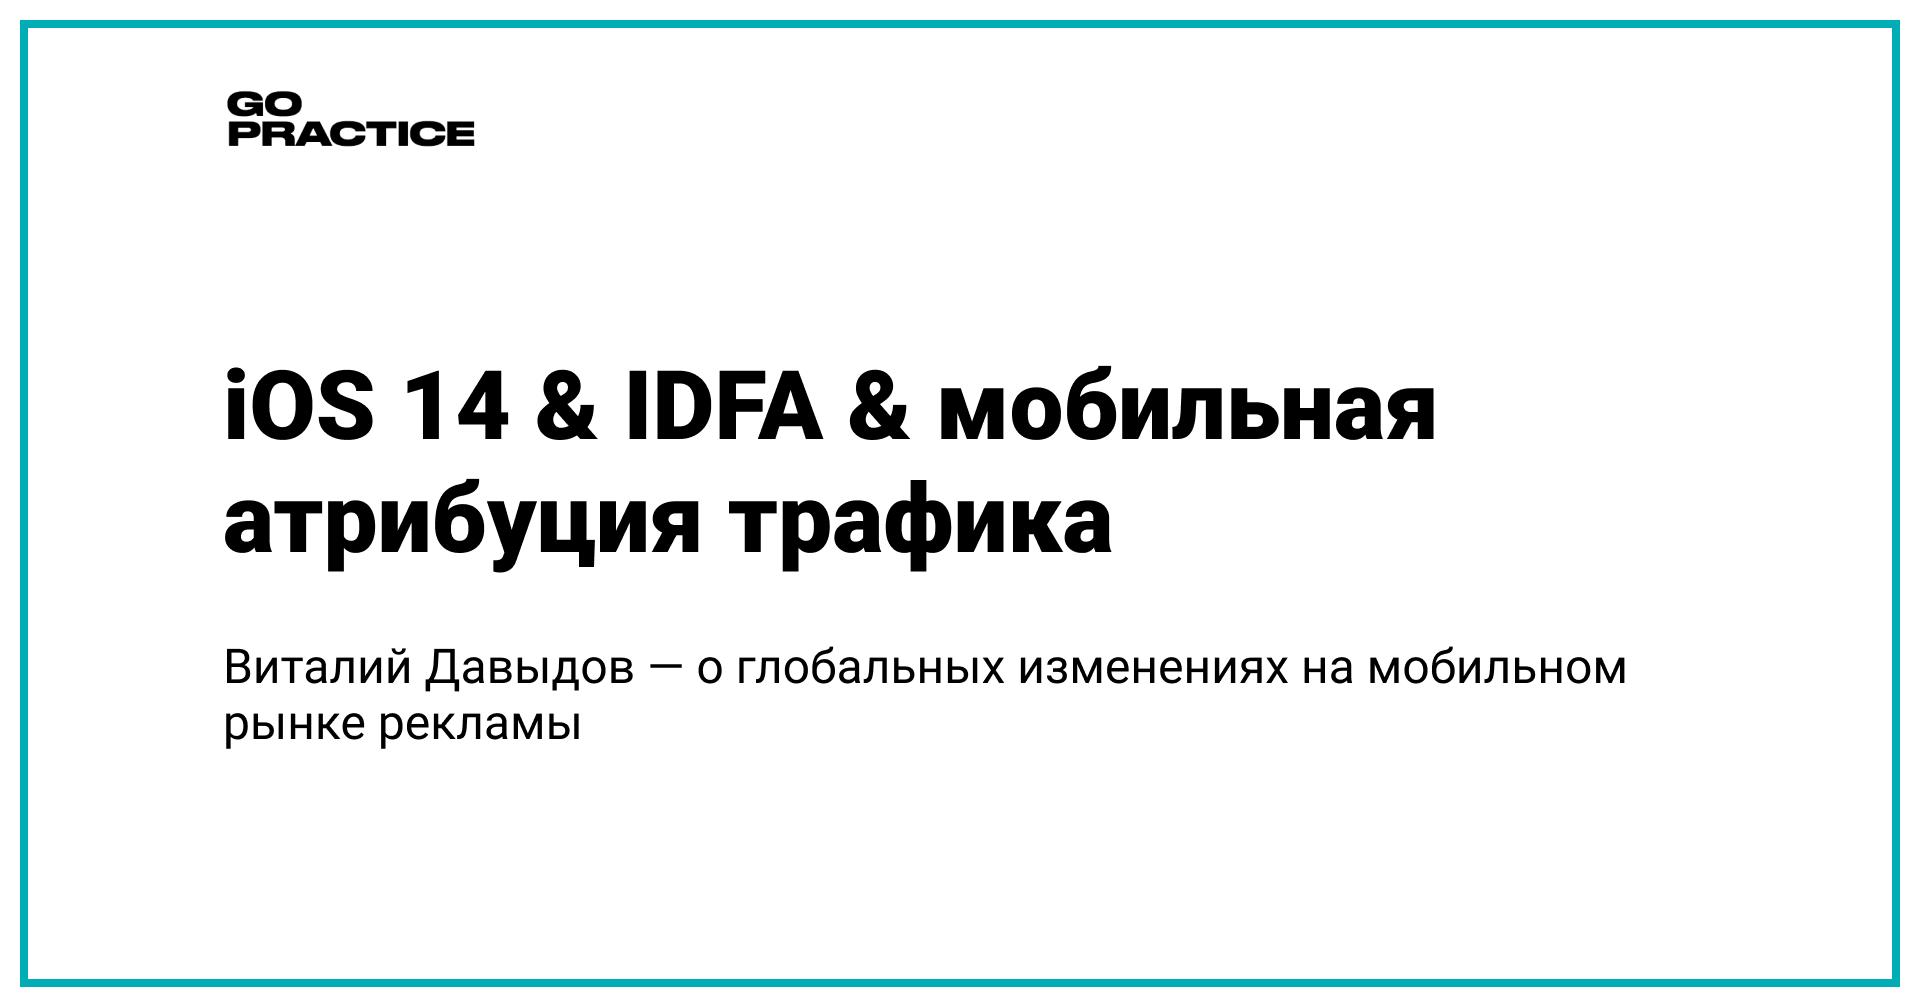 iOS 14 & IDFA & мобильная атрибуция трафика: глобальное изменение на мобильном рынке рекламы